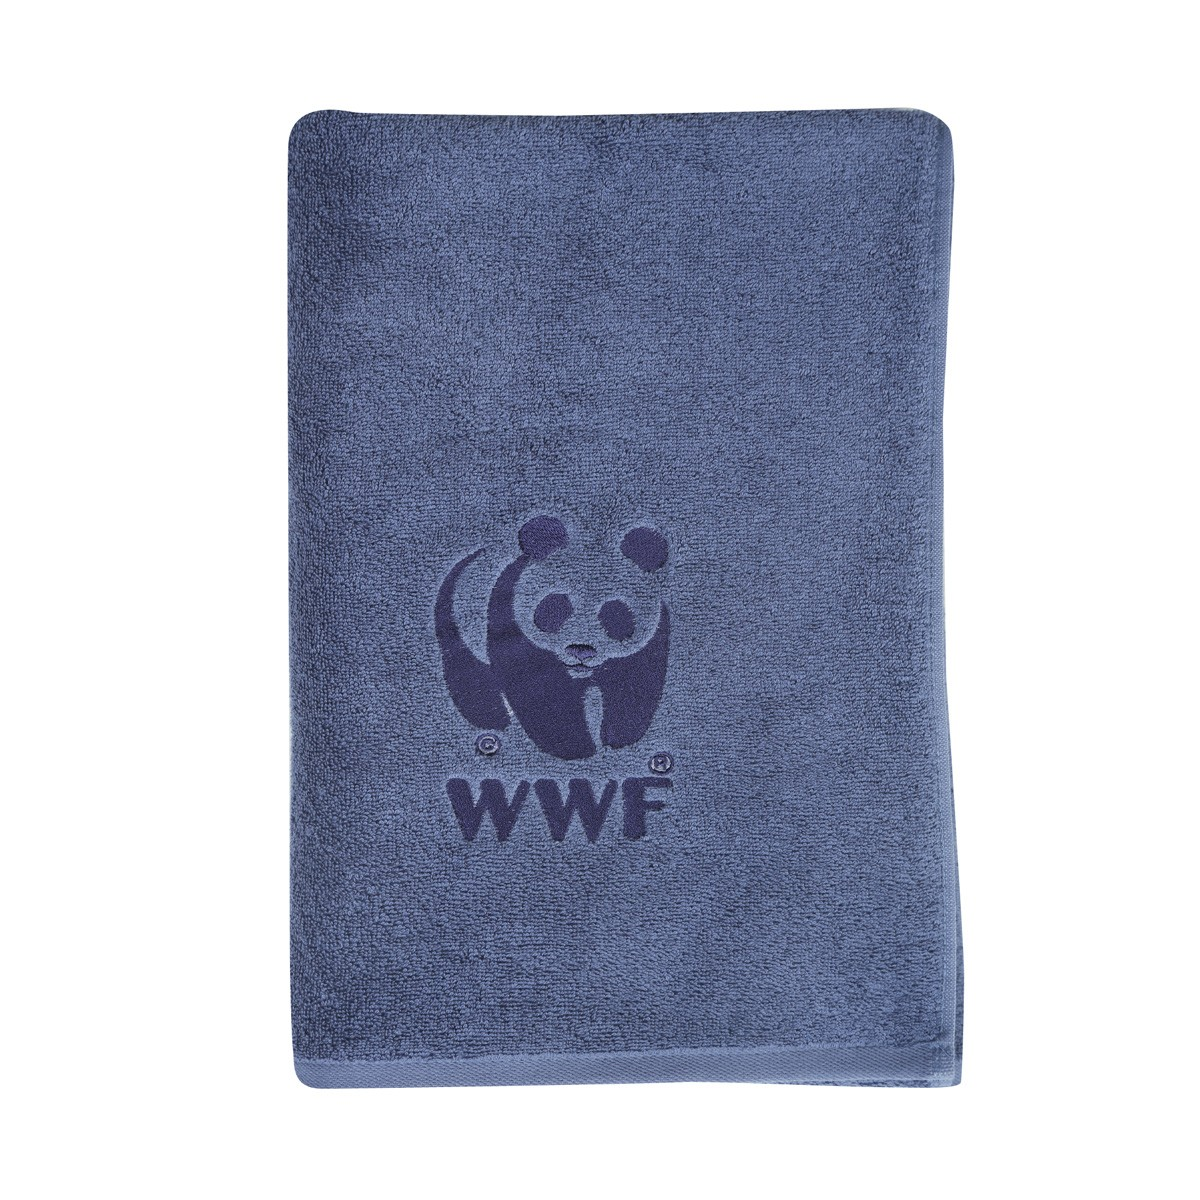 Πετσέτα Σώματος (80x160) Nef-Nef WWF Denim